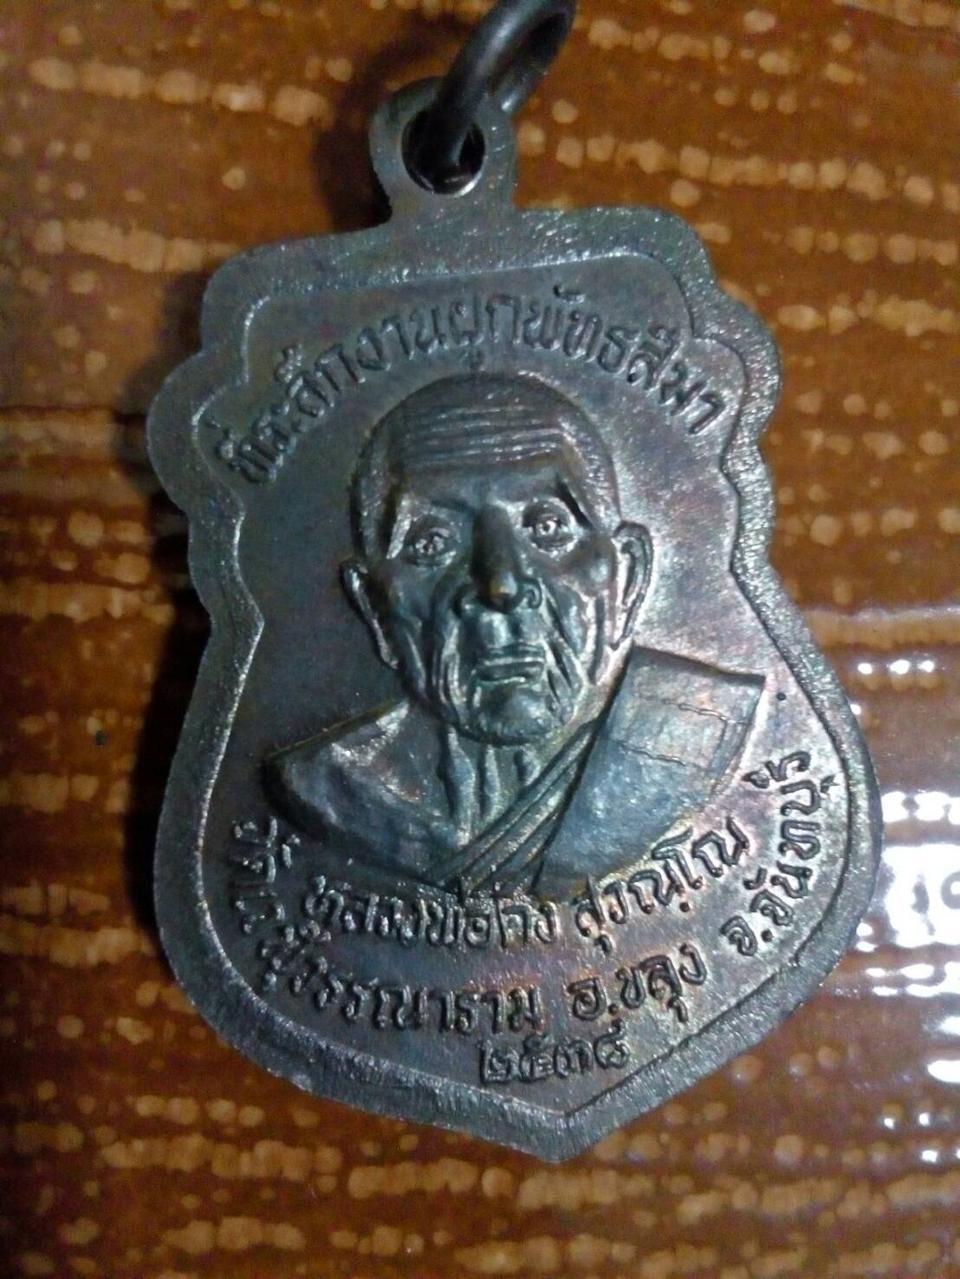 เหรียญหลงพ่อคง  สุวรณุโณ ที่ระลึกงานผูกพัทธสีมา    ปี 2538 รูปที่ 4